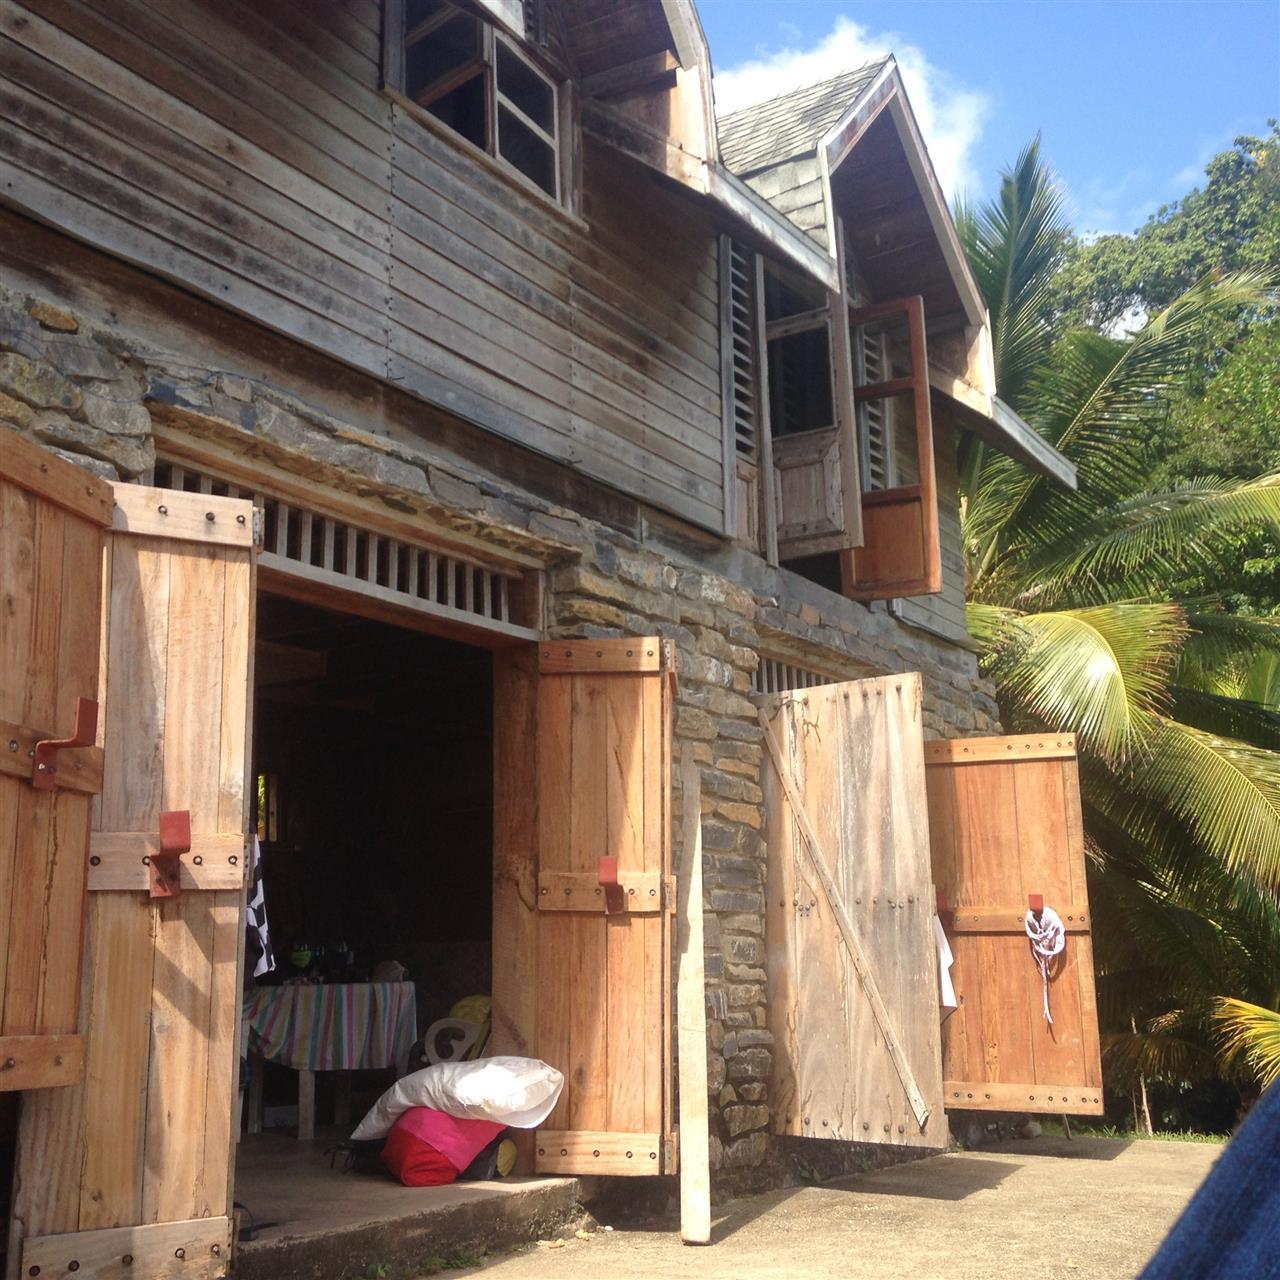 Old shack, simple living in Paramin Village, Trinidad